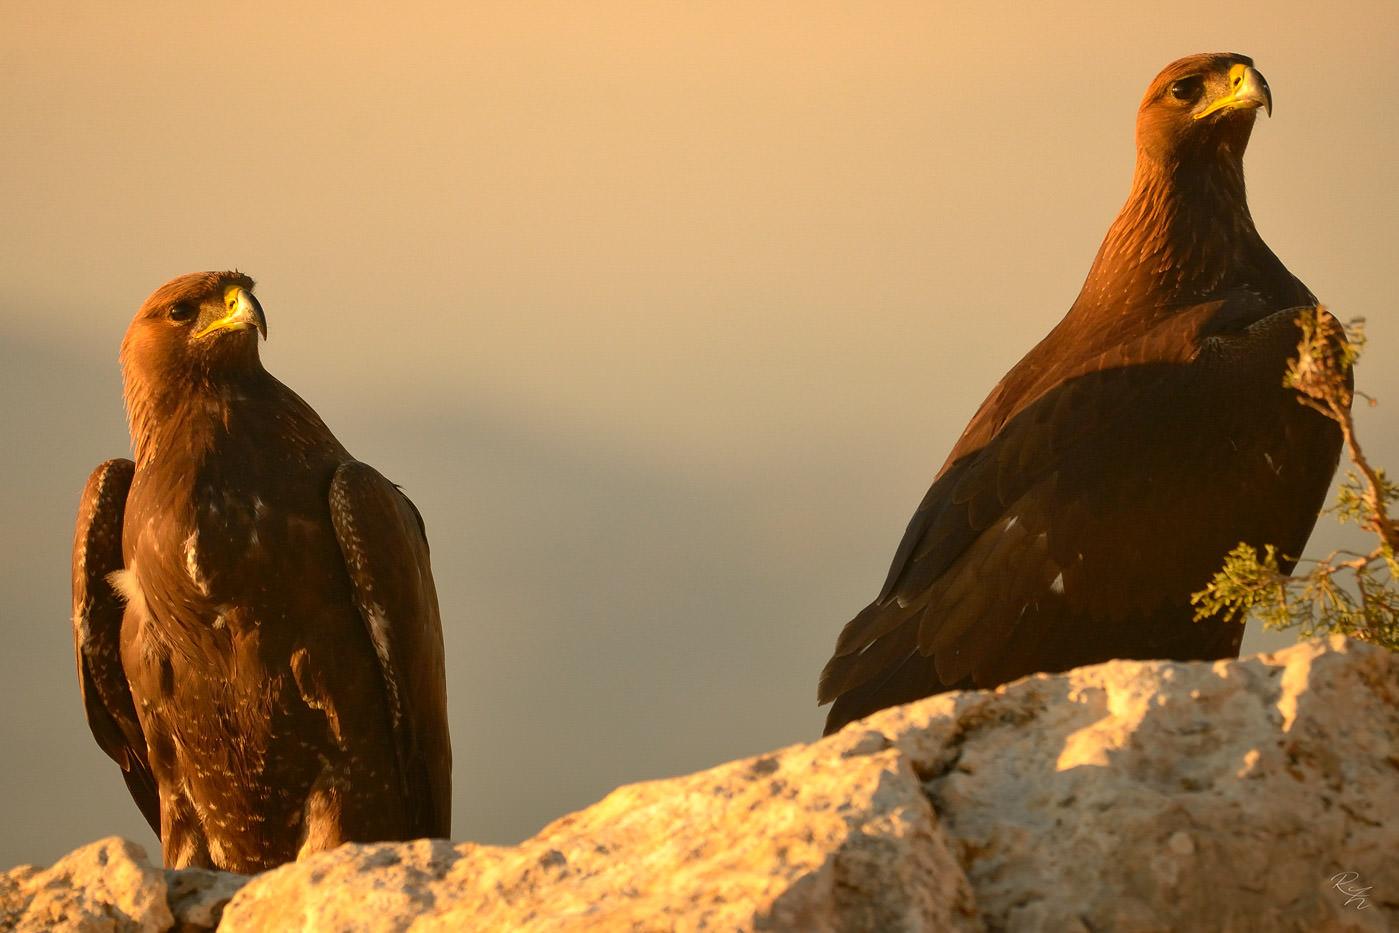 Беркут (Águila real) или Золотой орел (фото:Rafael Zacher)